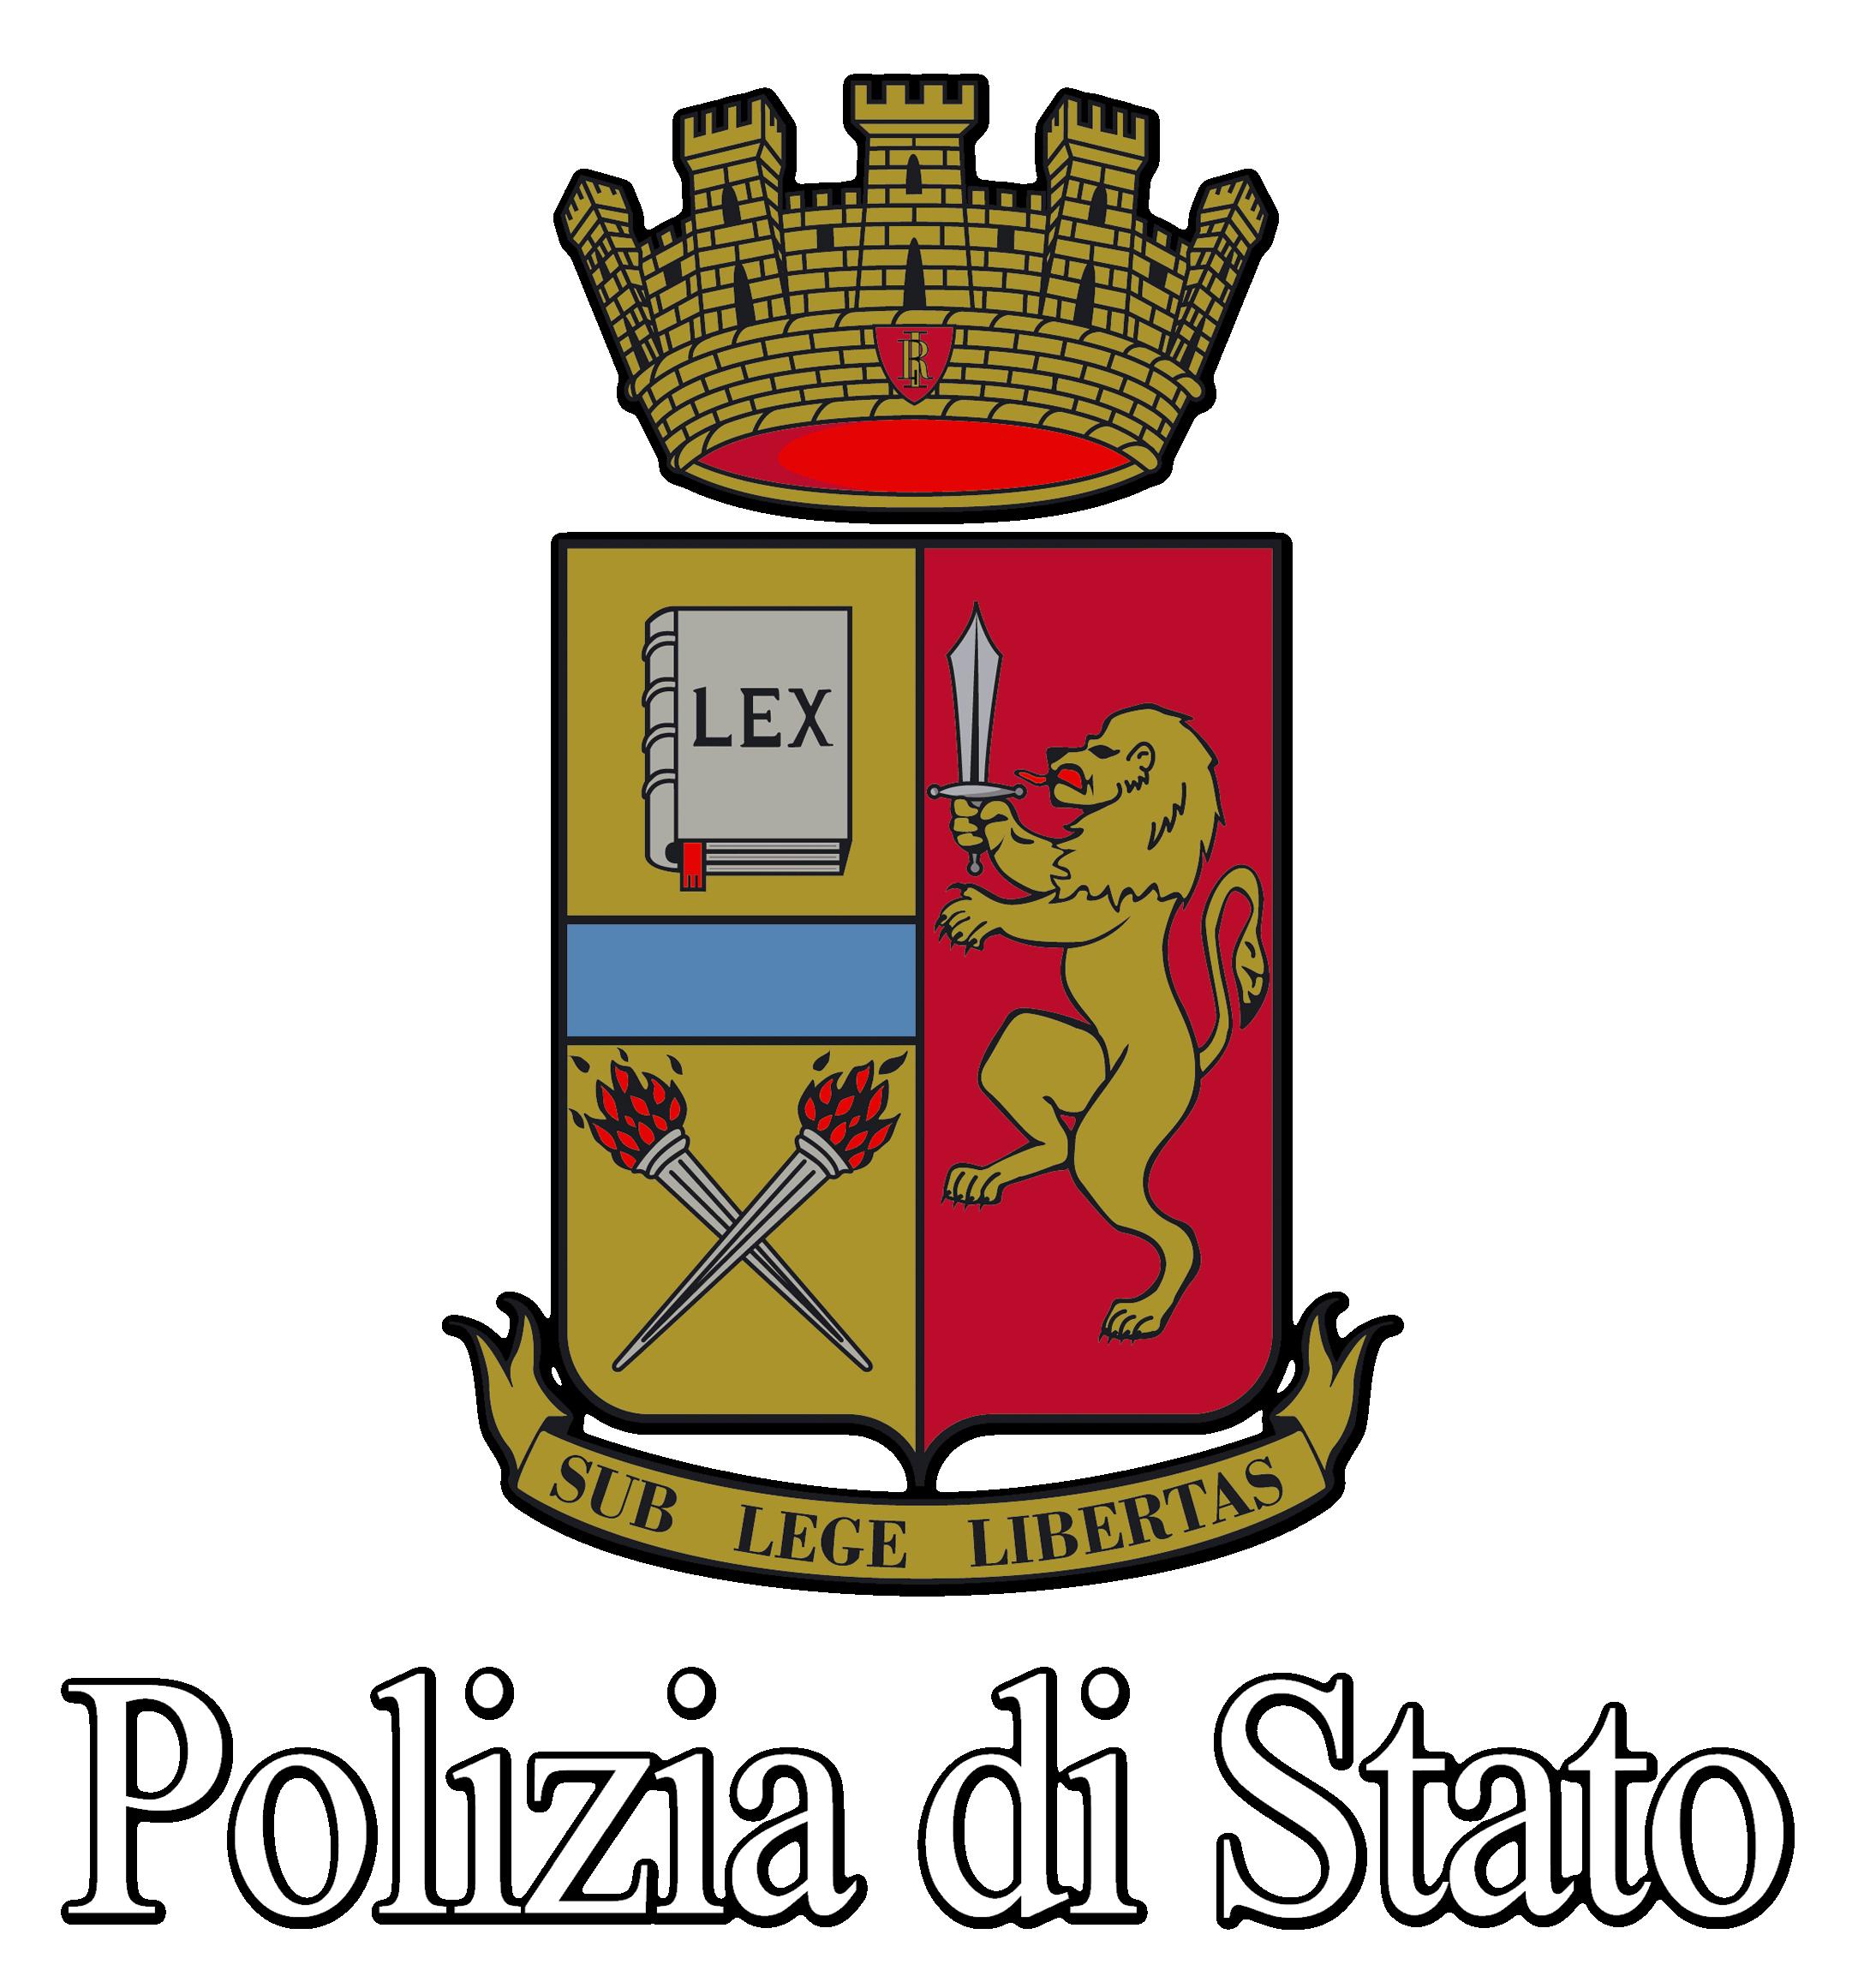 Polizia di stato questure sul web vercelli for Questura di roma ufficio immigrazione permesso di soggiorno